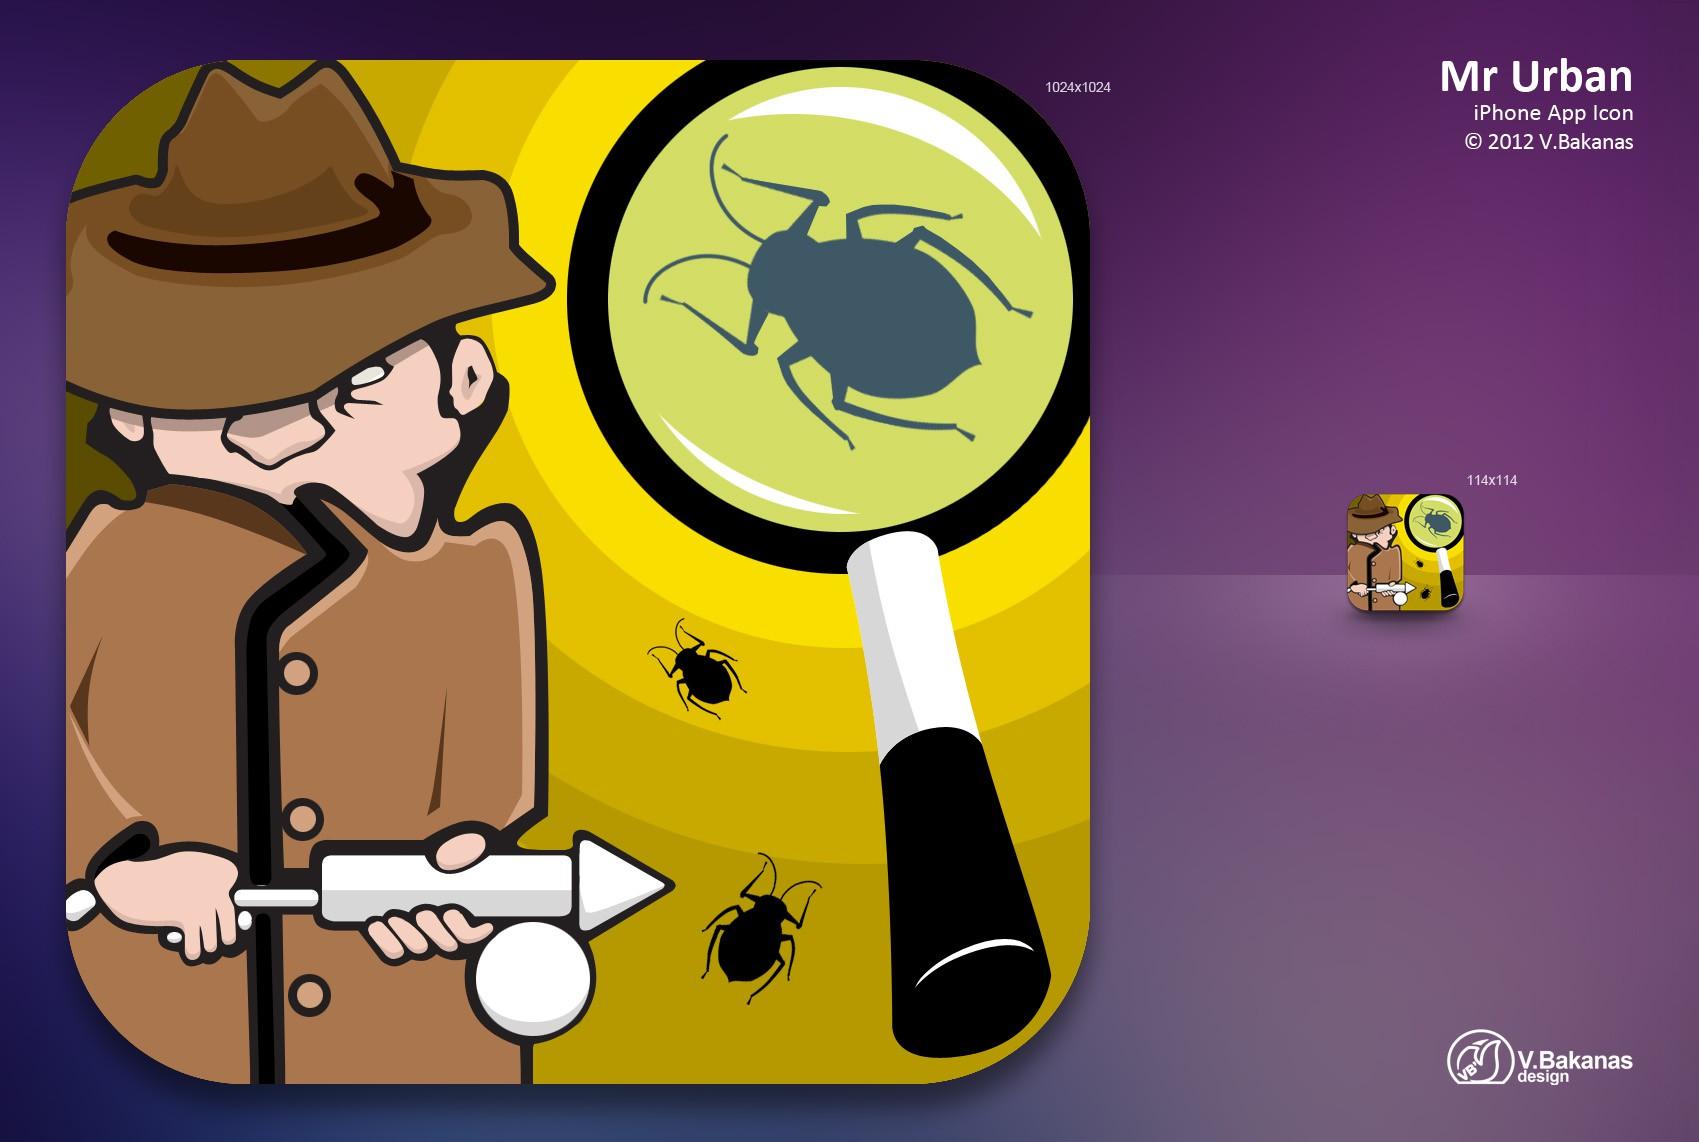 Suburban Exterminating needs a new icon or button design